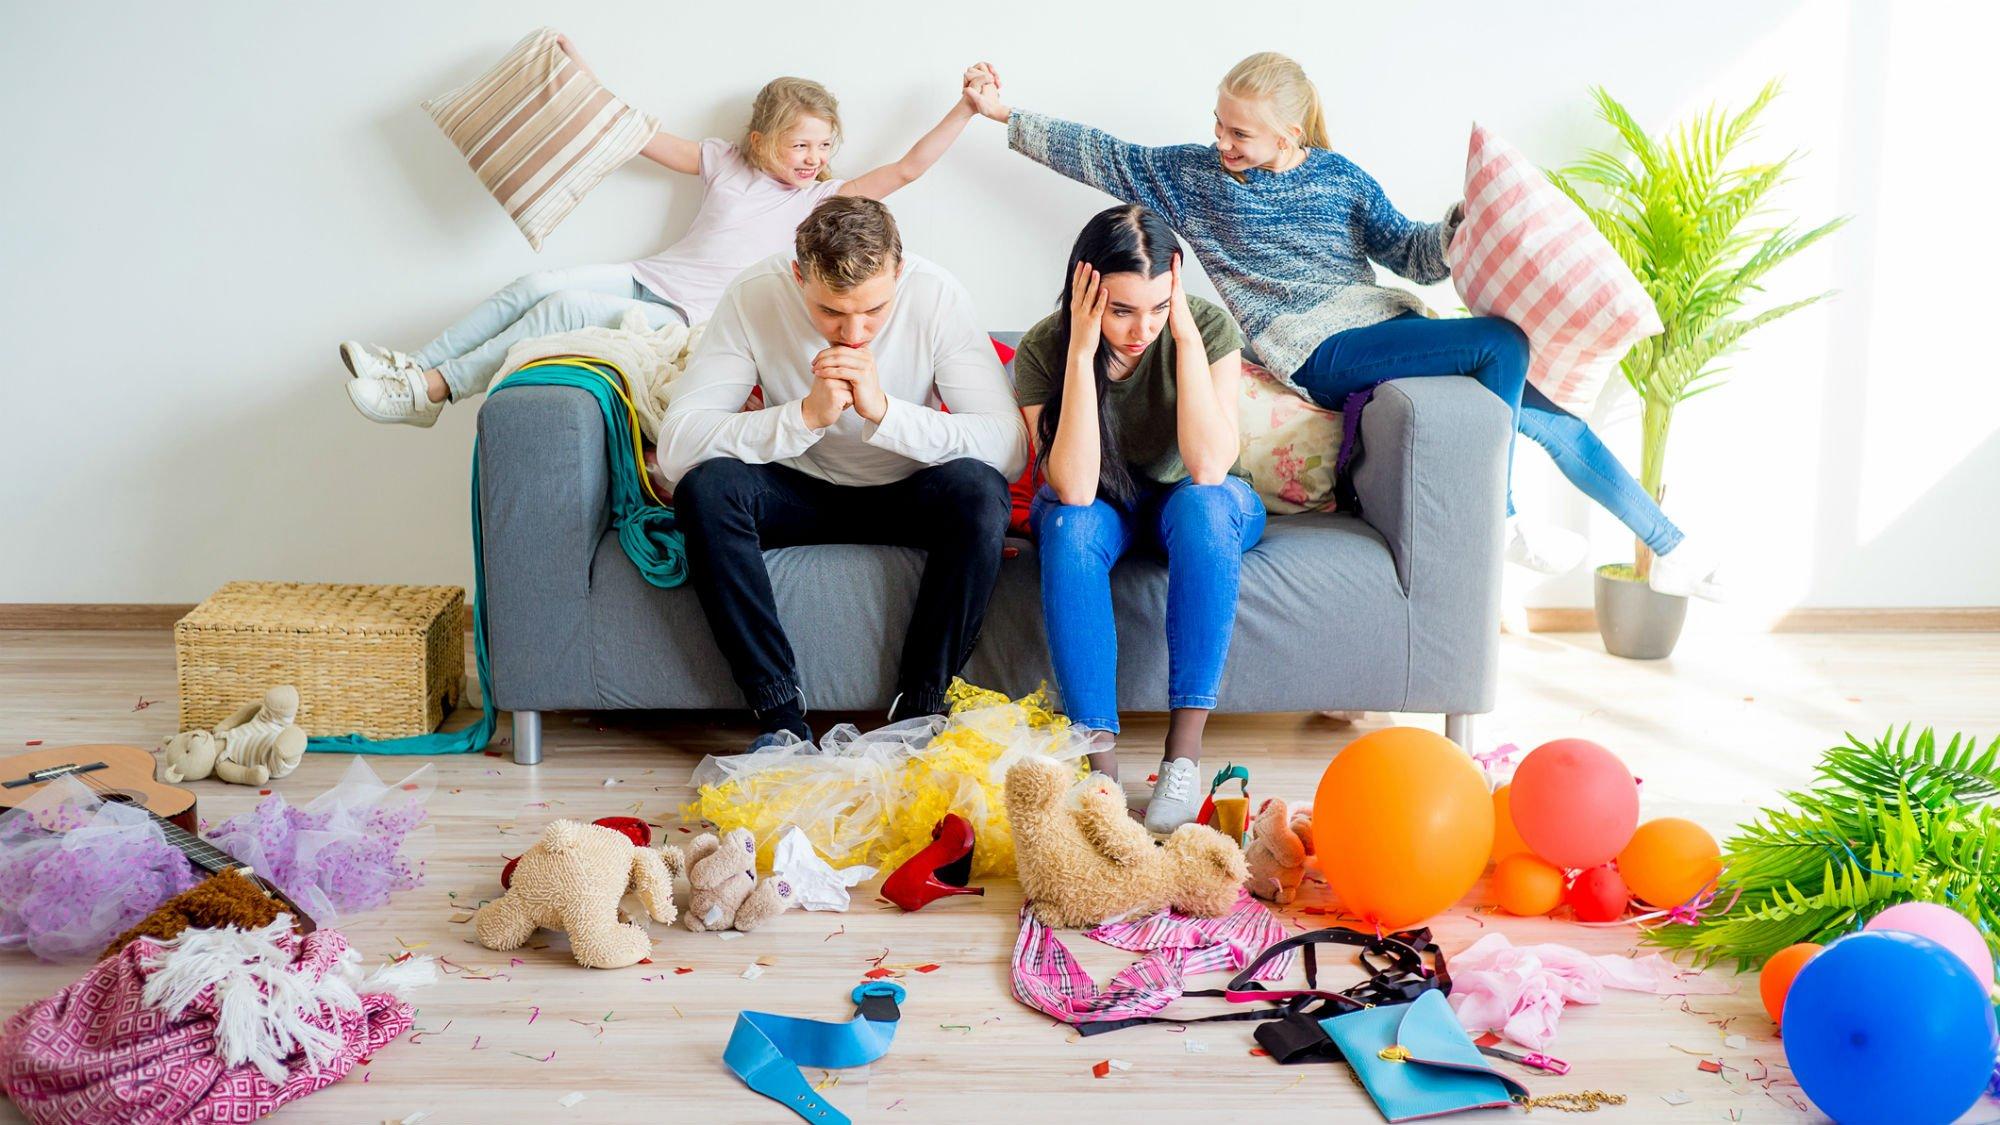 Как навести и поддерживать порядок в доме, находясь на самоизоляции или карантине